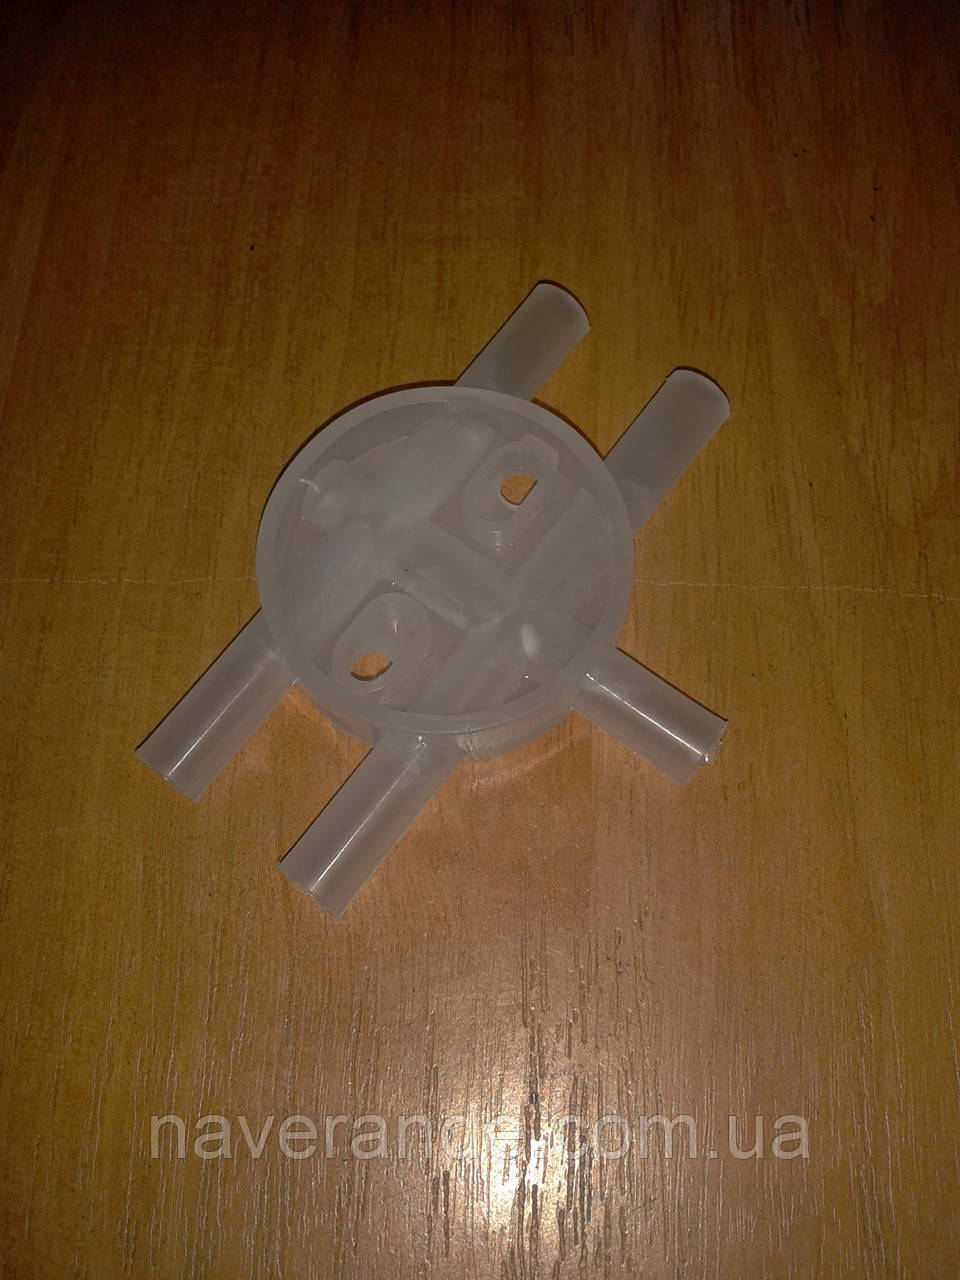 Распределительная пластмасса для доильного аппарата АИД